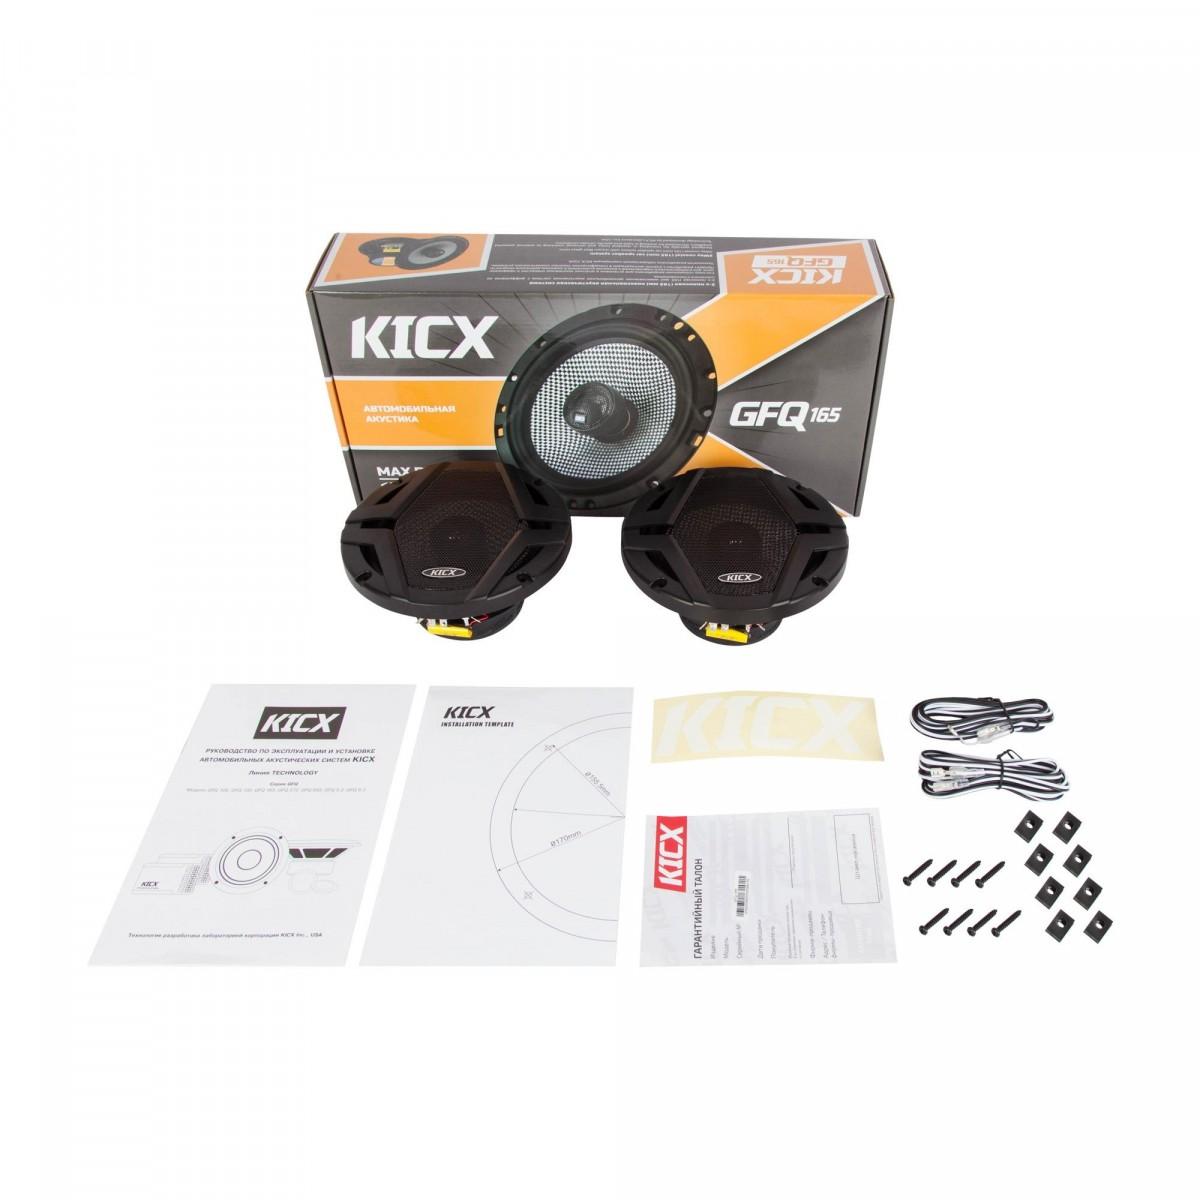 Коаксиальные динамики Kicx GFQ-165